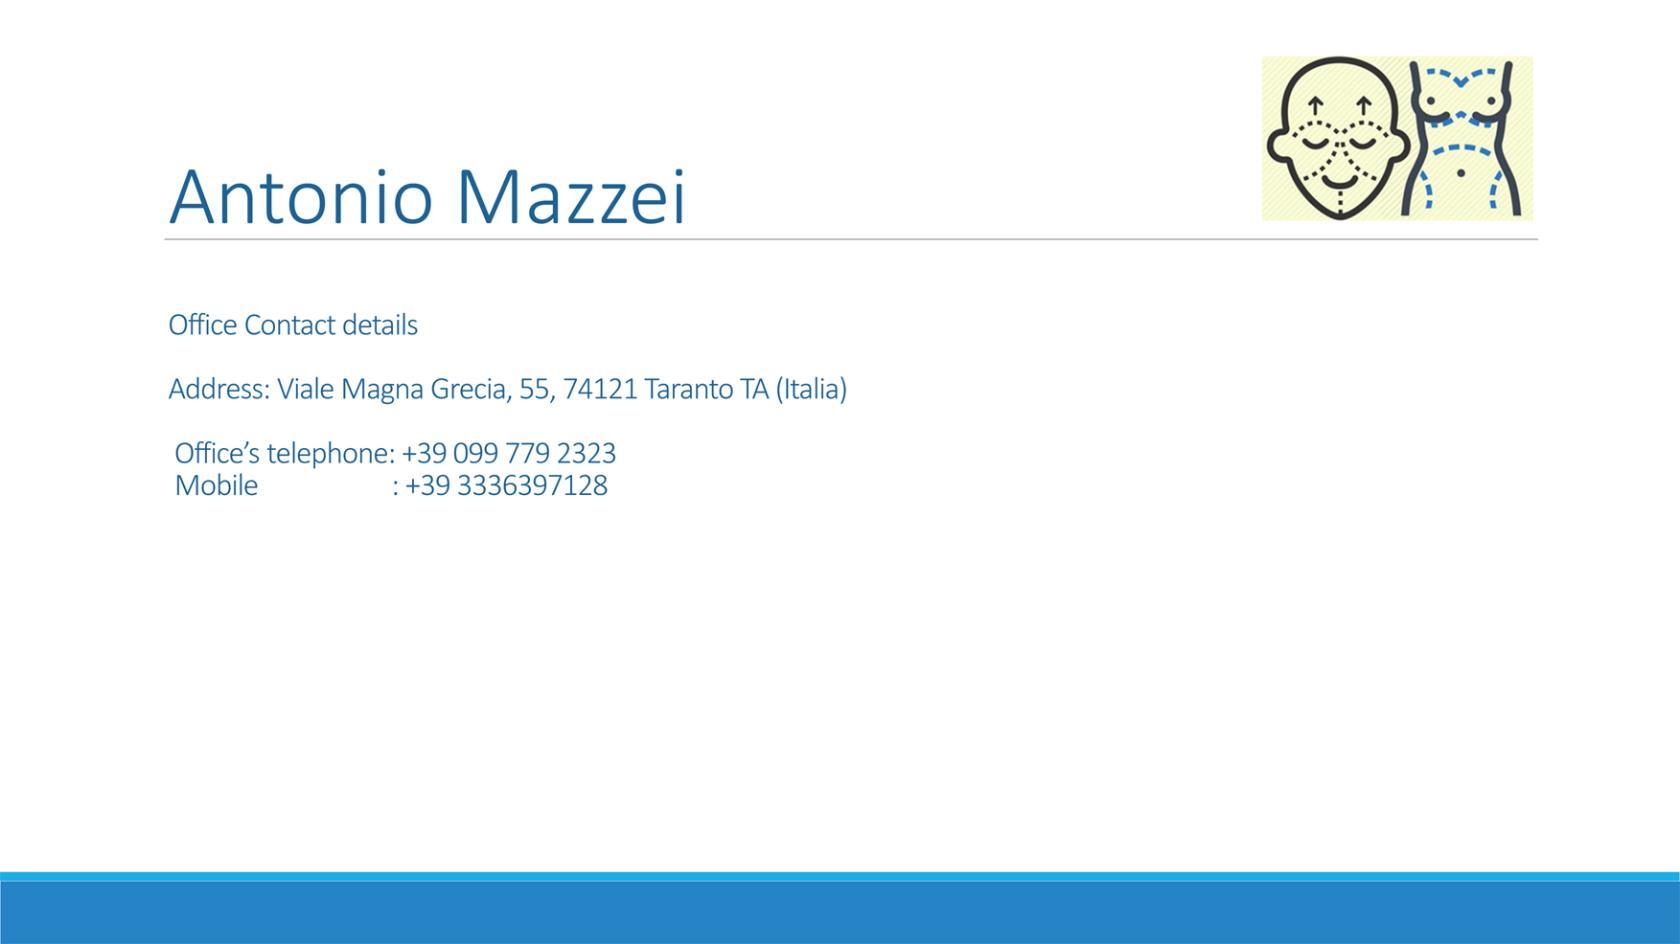 Dott Antonio Mazzei a Taranto